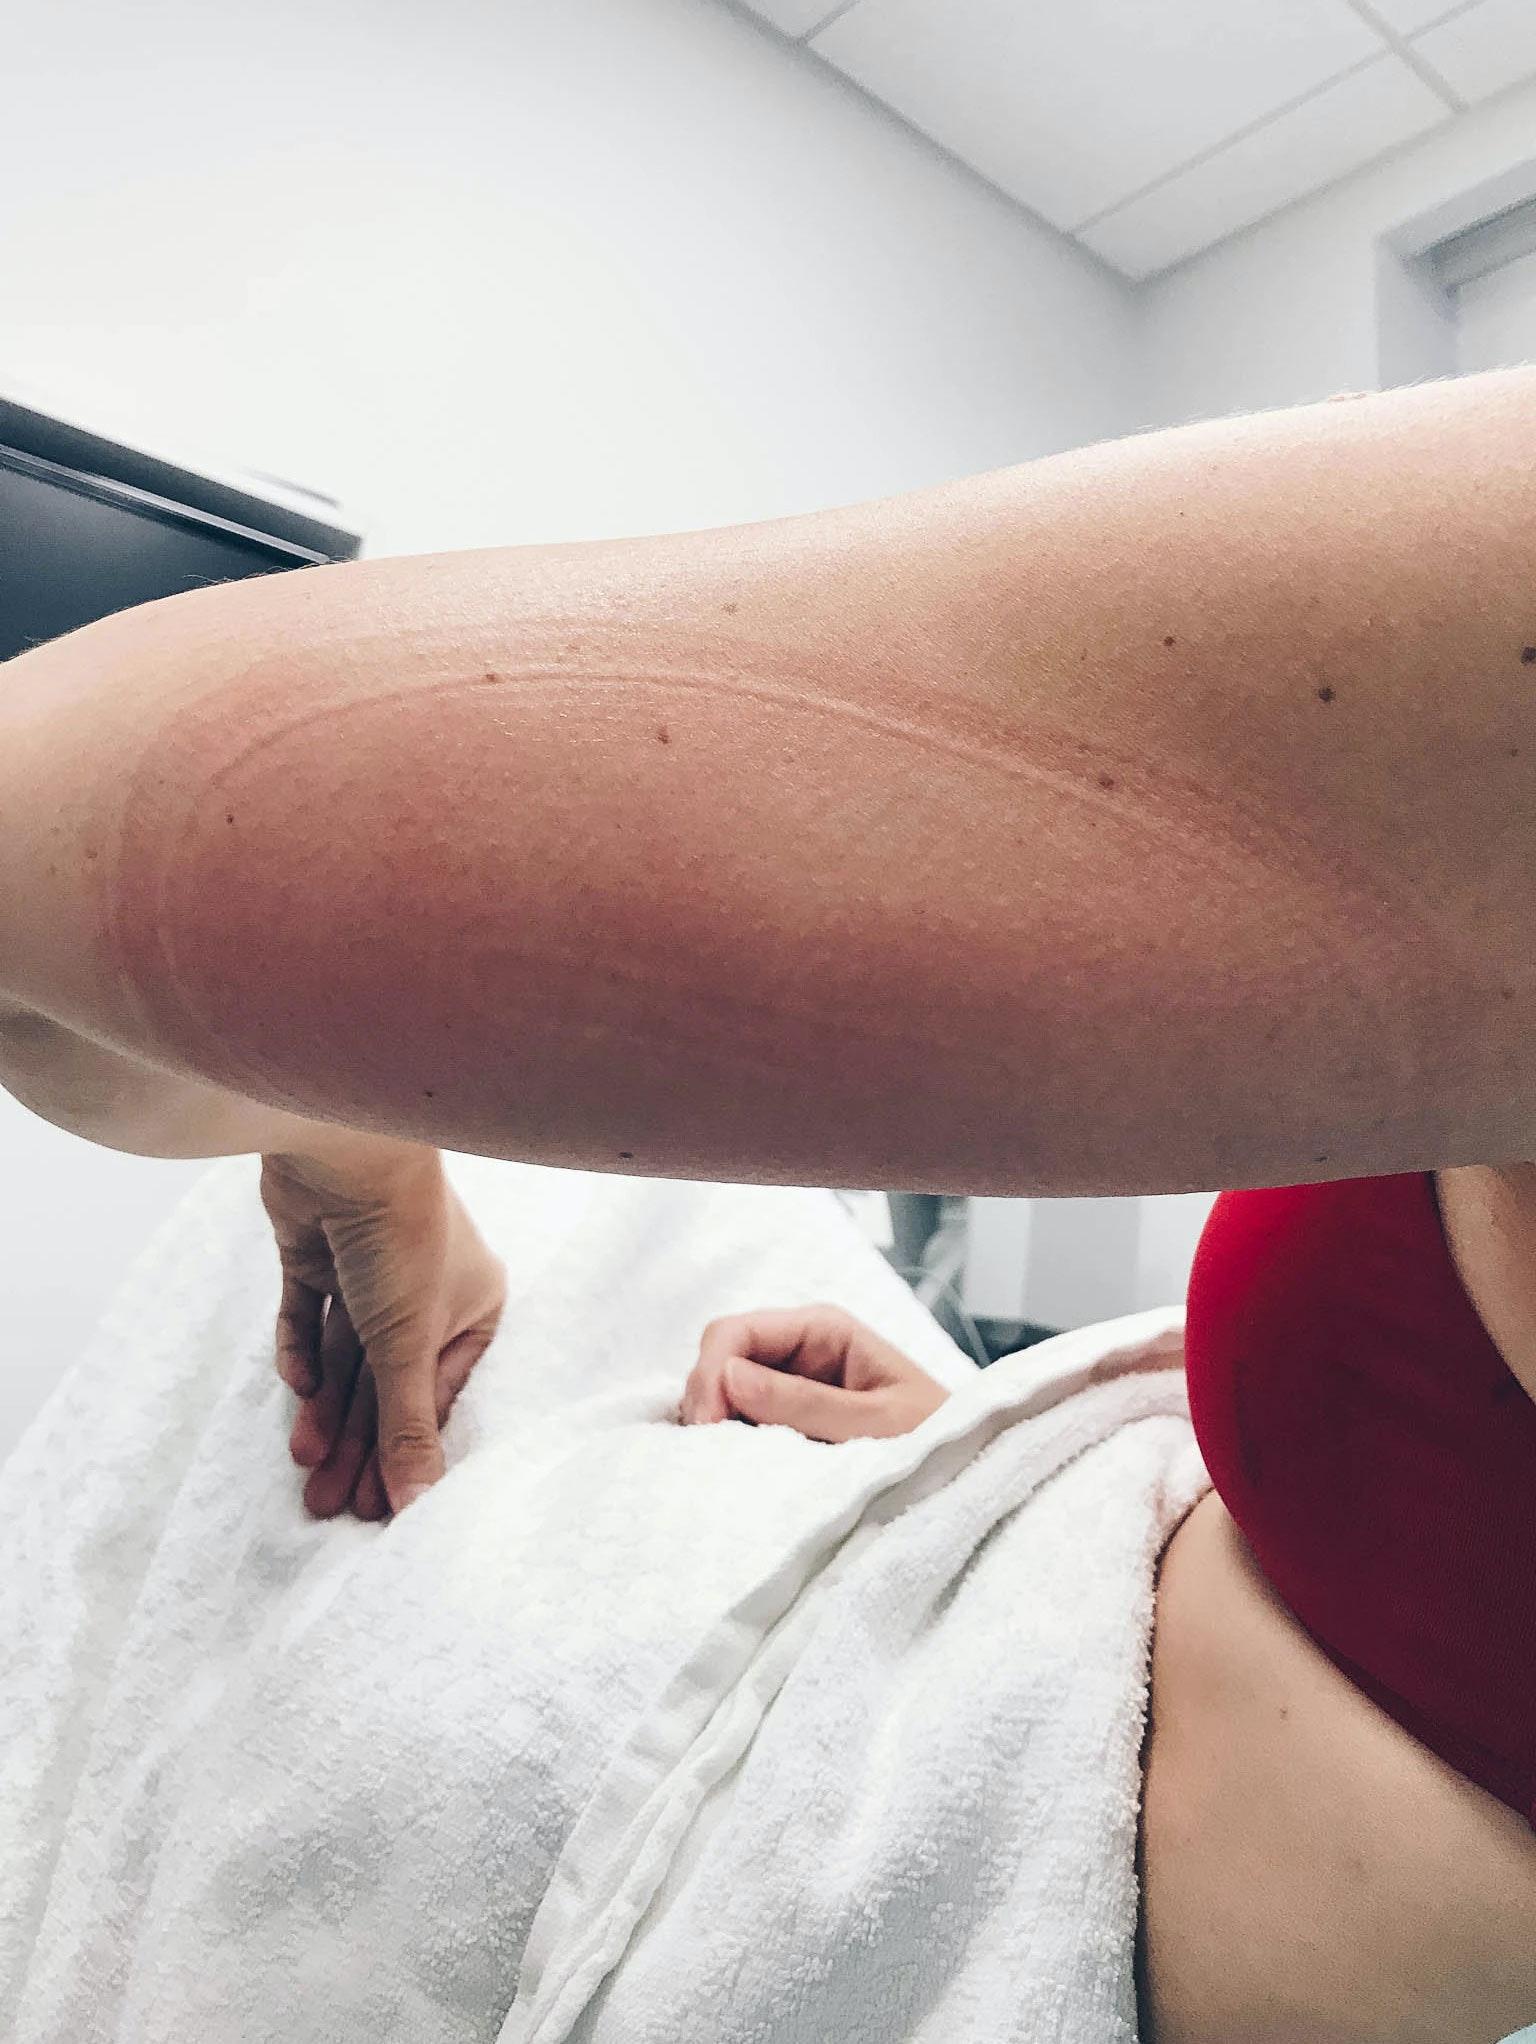 Upper arm after CoolSculpting treatment.